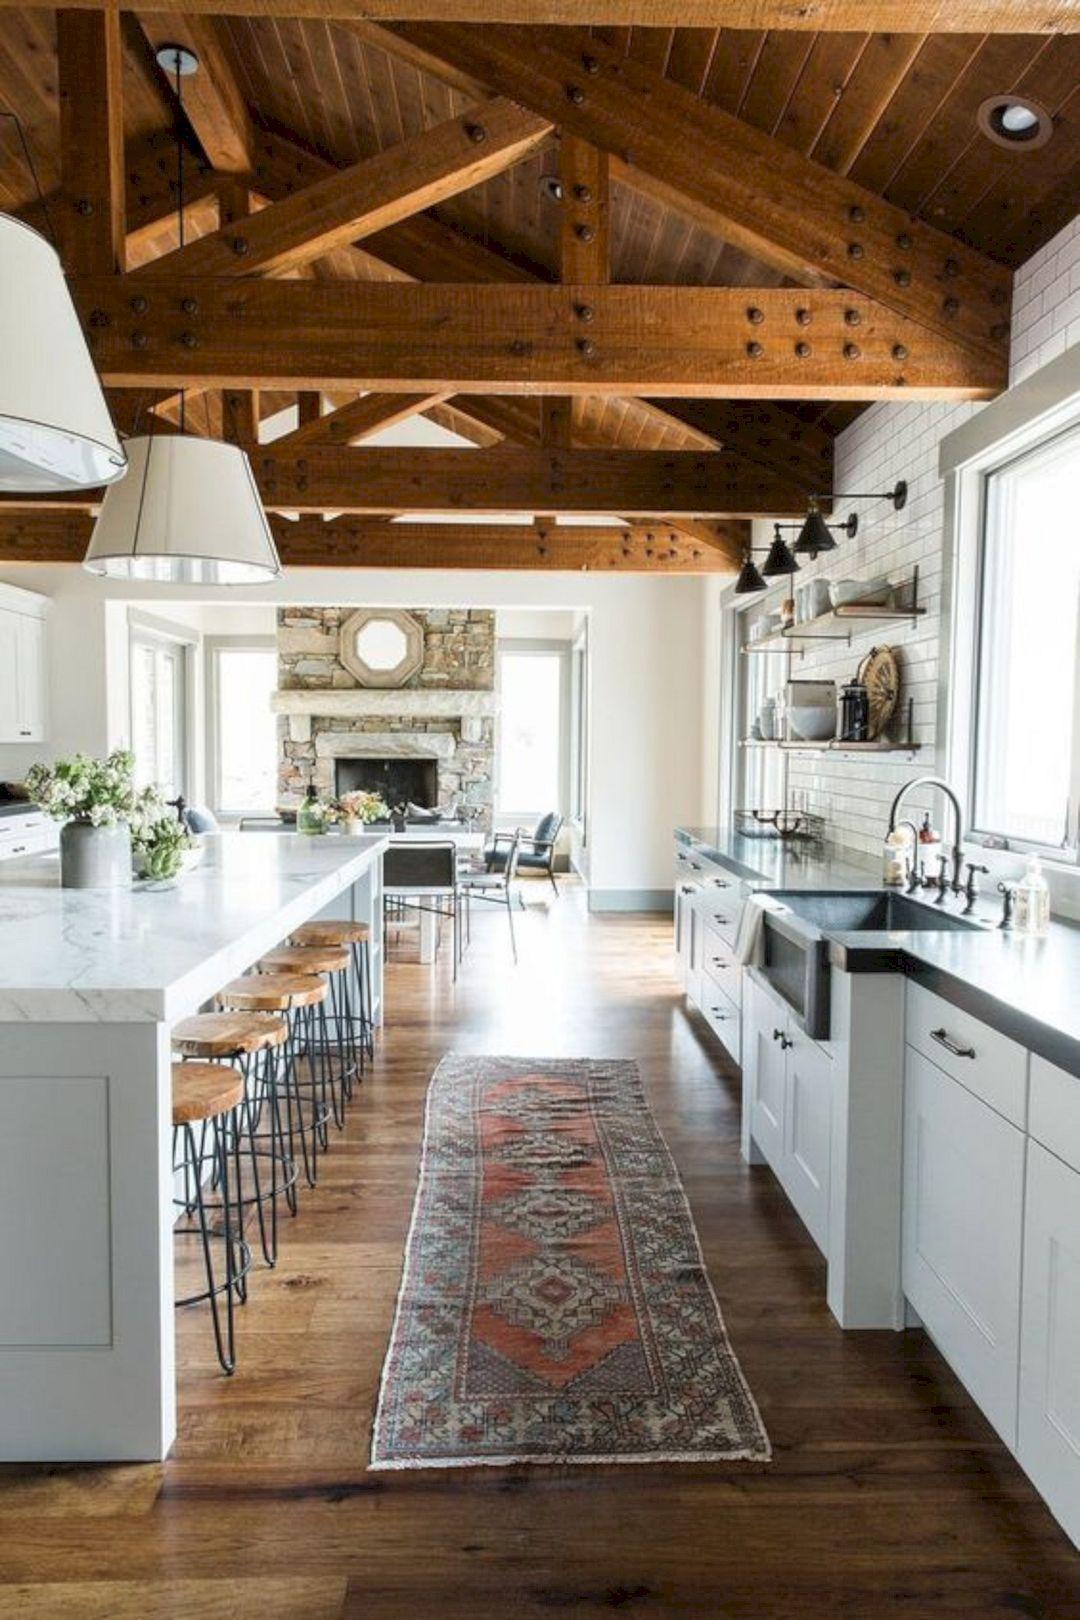 Küchendesign einfach klein  kitchen trends you should know in   küche design  pinterest